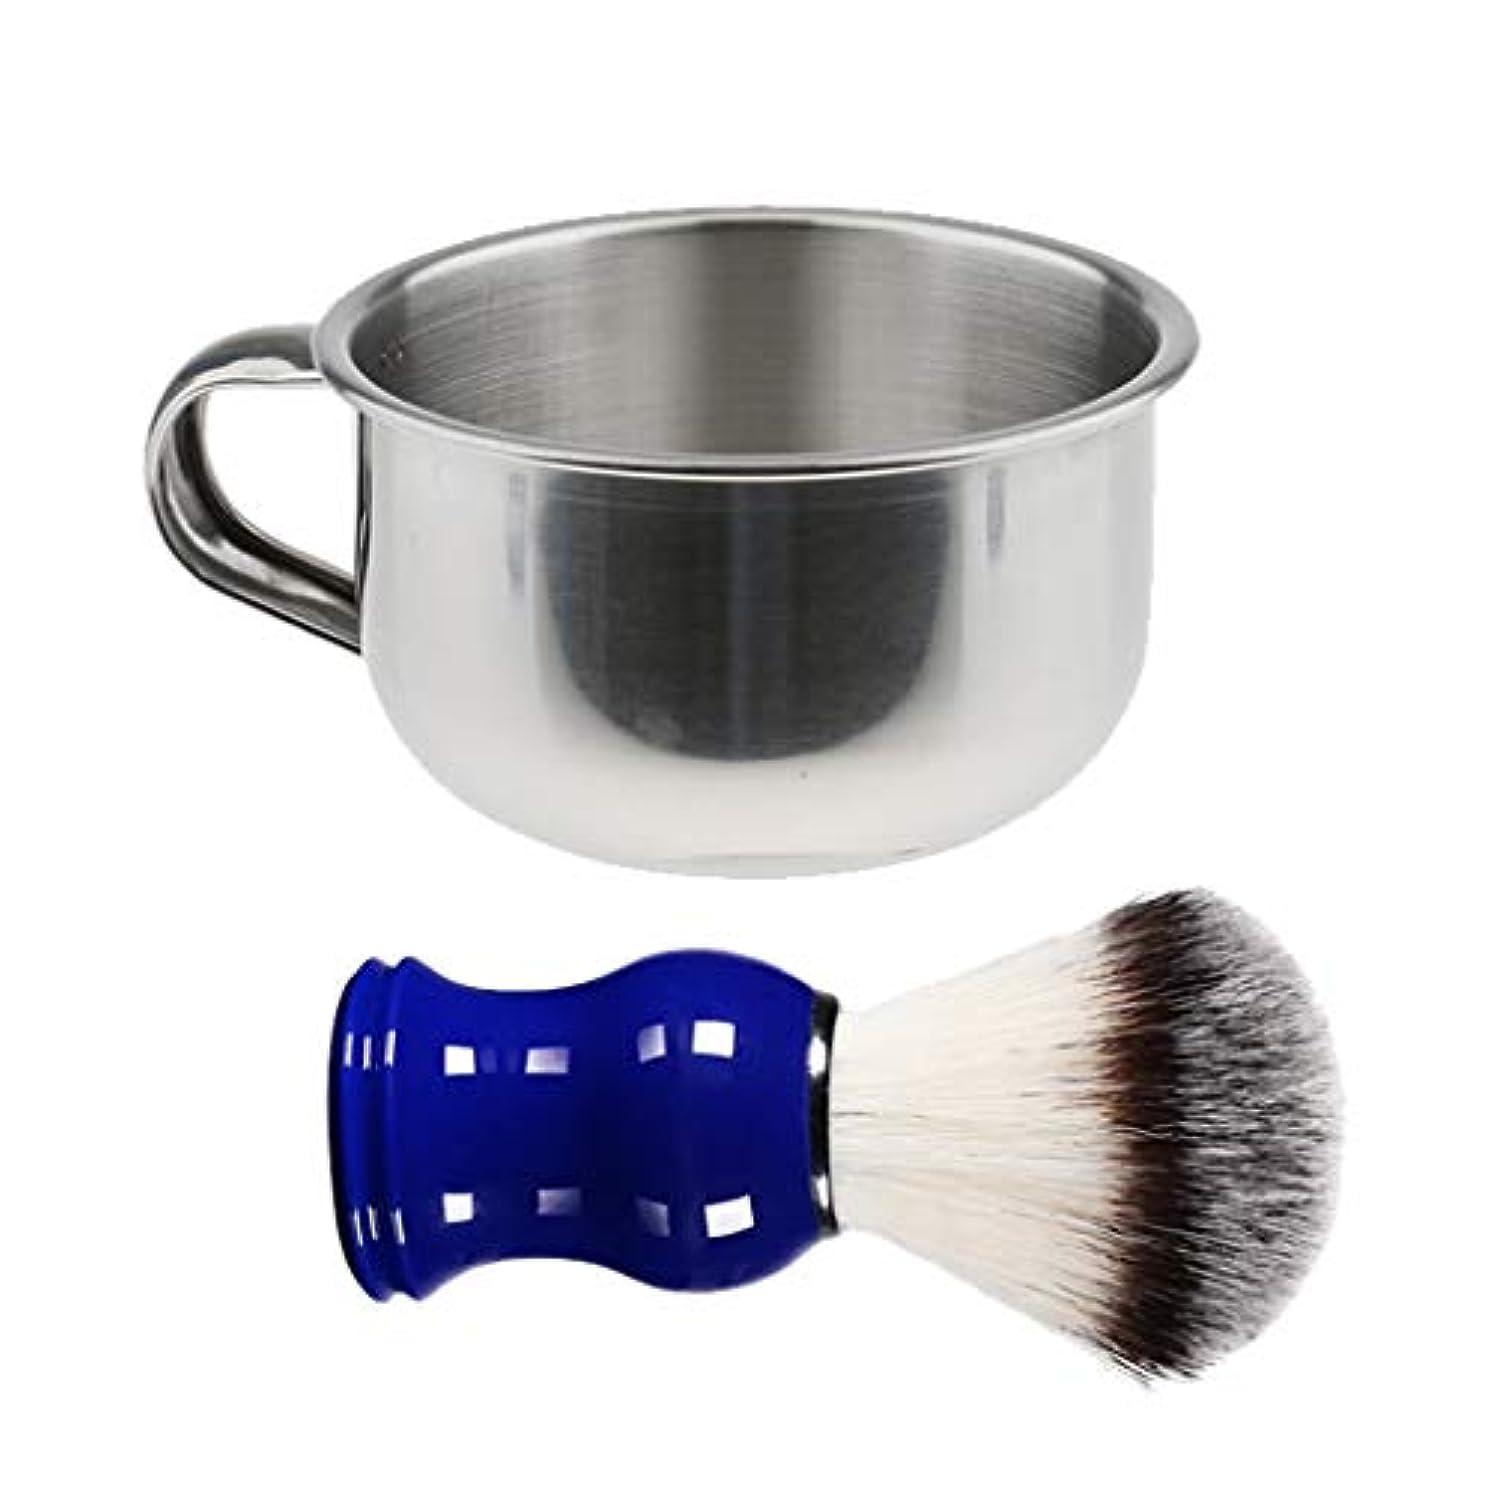 反論者覚醒インテリアHellery シェービングボウル ステンレス製 シェービング用ブラシ 理容 洗顔 髭剃り メンズ アクセサリー